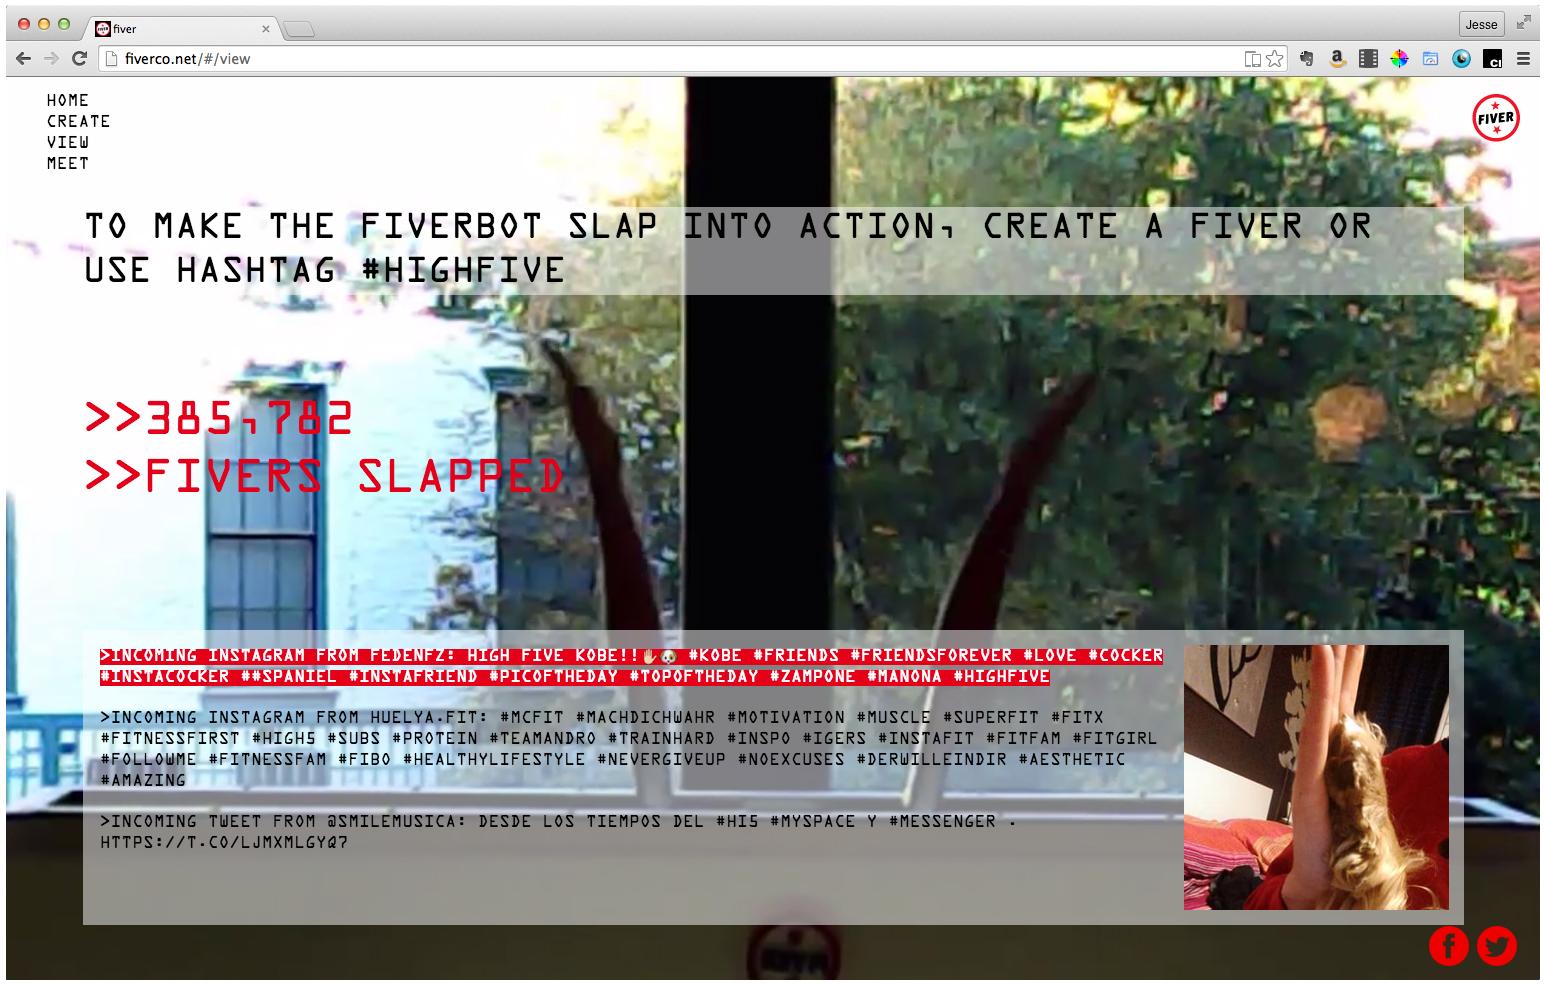 FIVER_Screengrab5.jpg